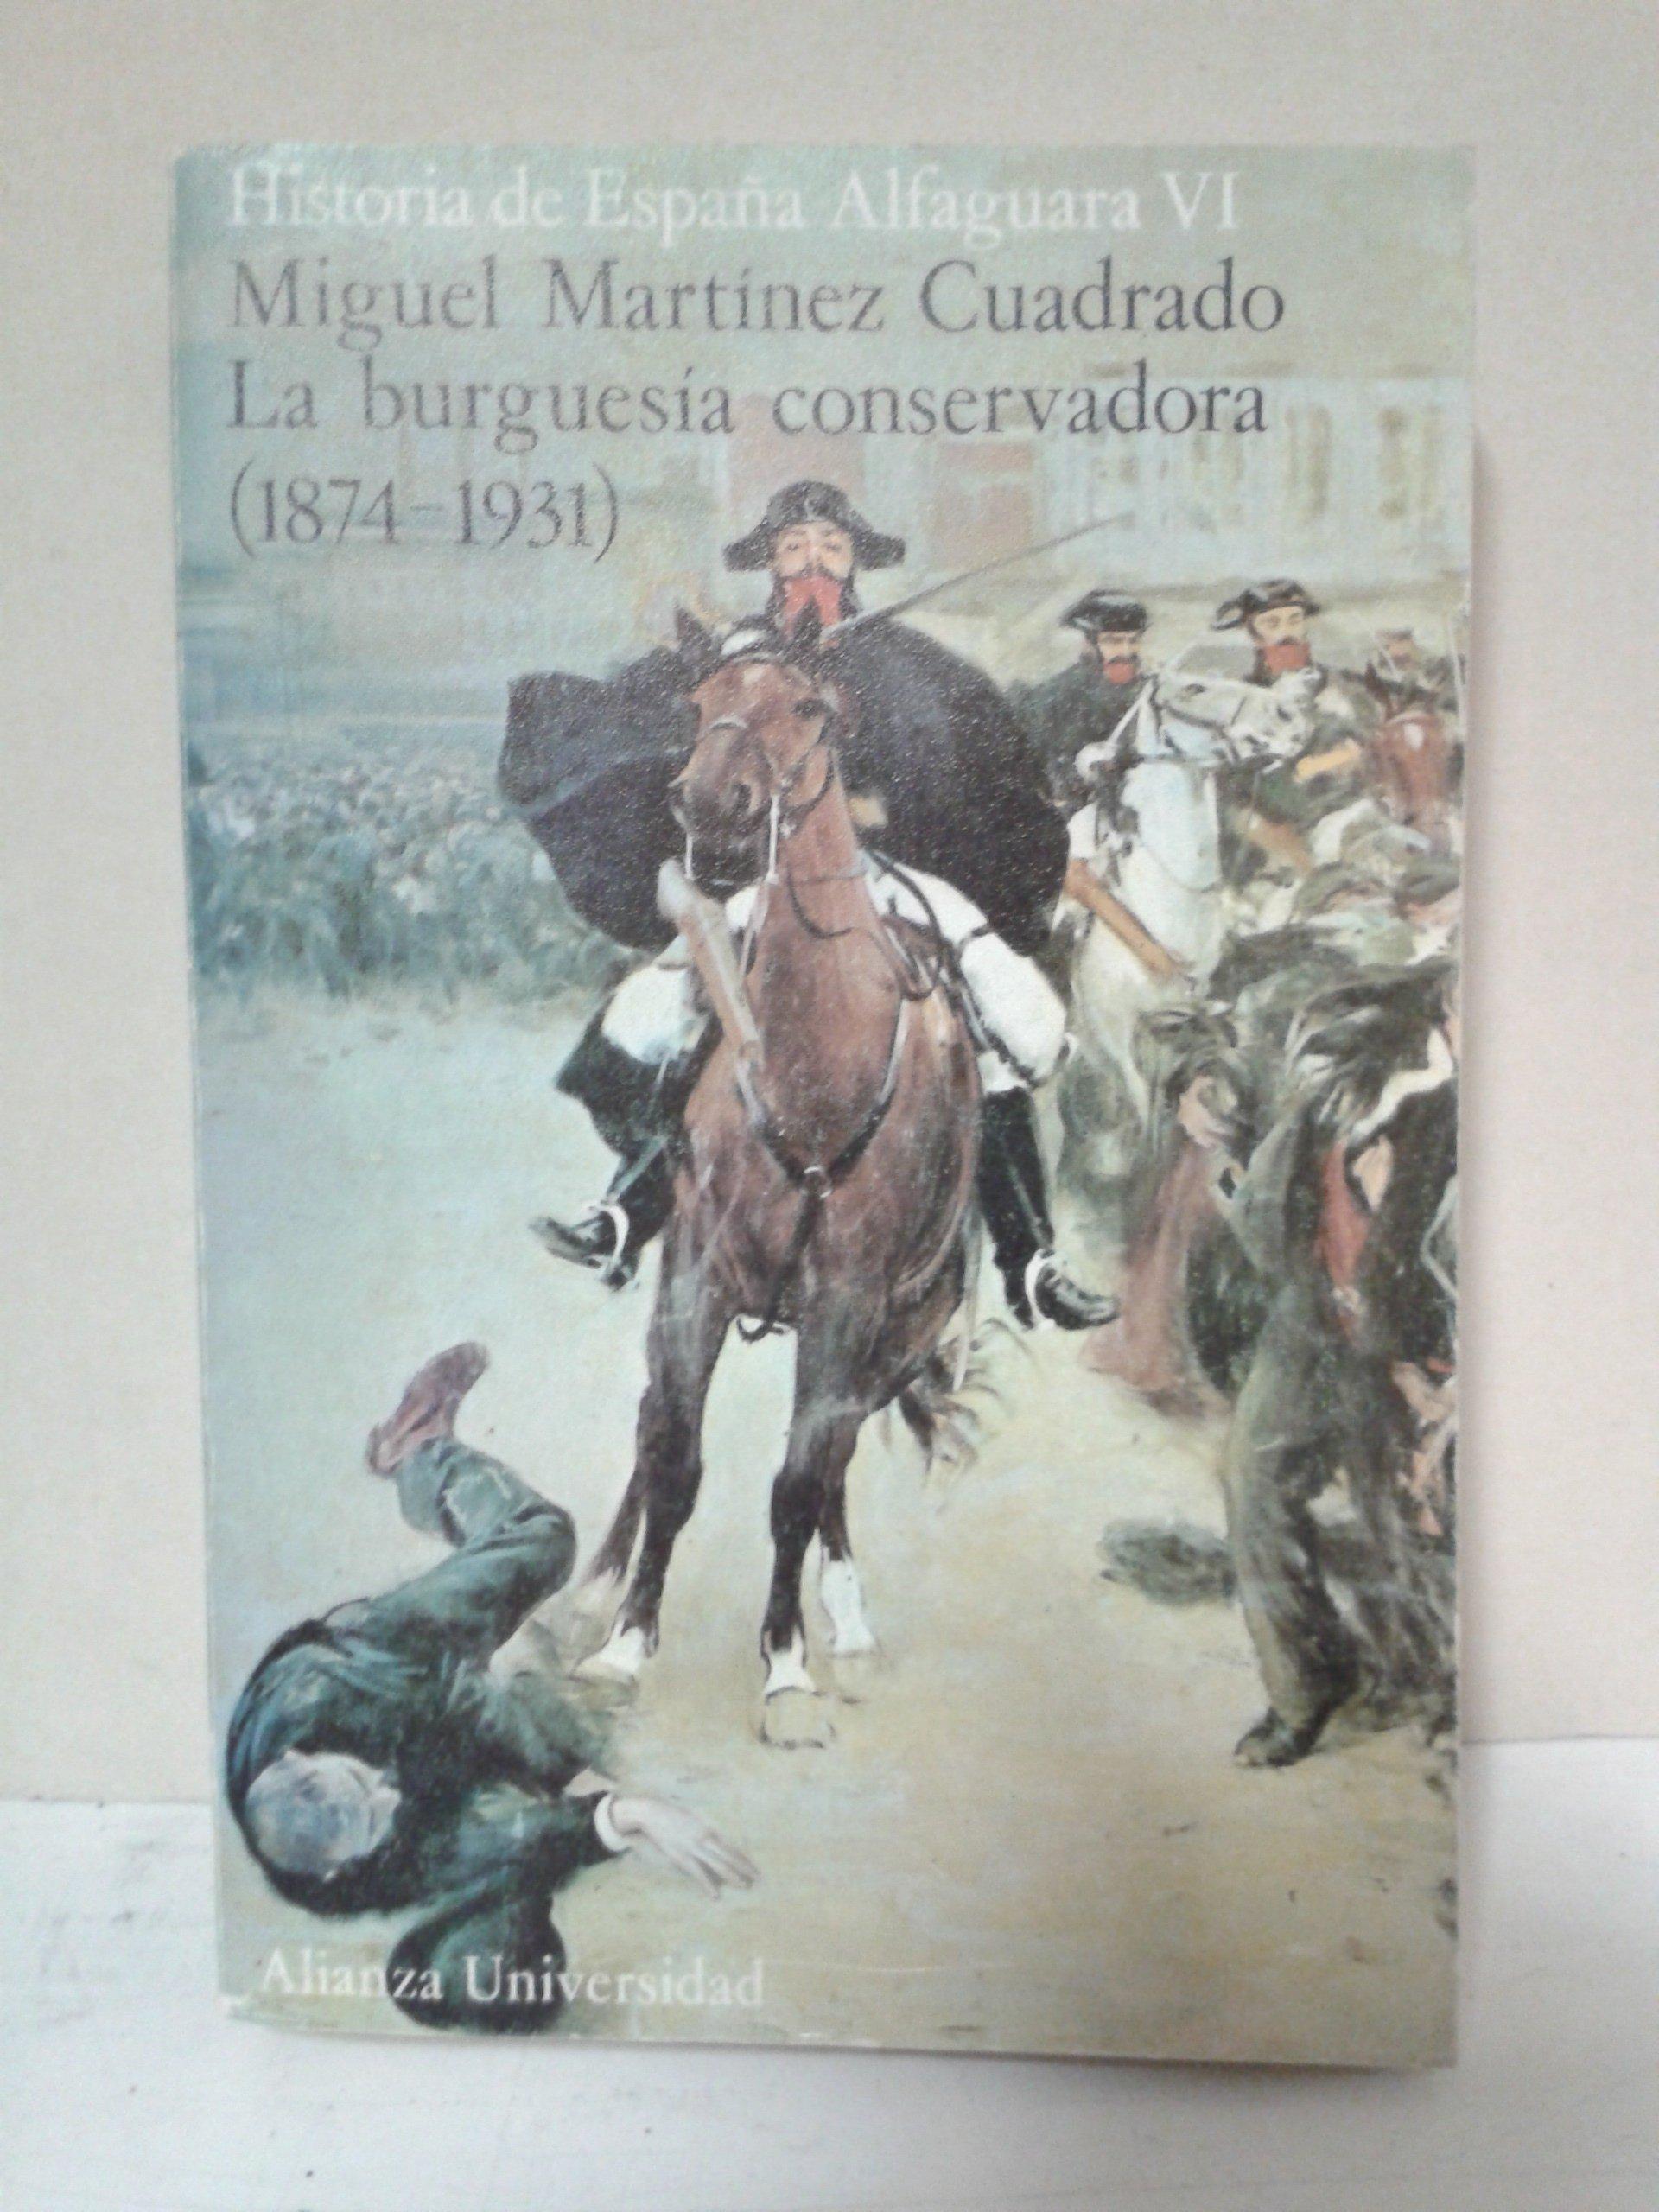 Historia de España alfaguara 6. laburguesia conservadora Alianza Universidad: Amazon.es: Martínez Cuadrado, Miguel: Libros